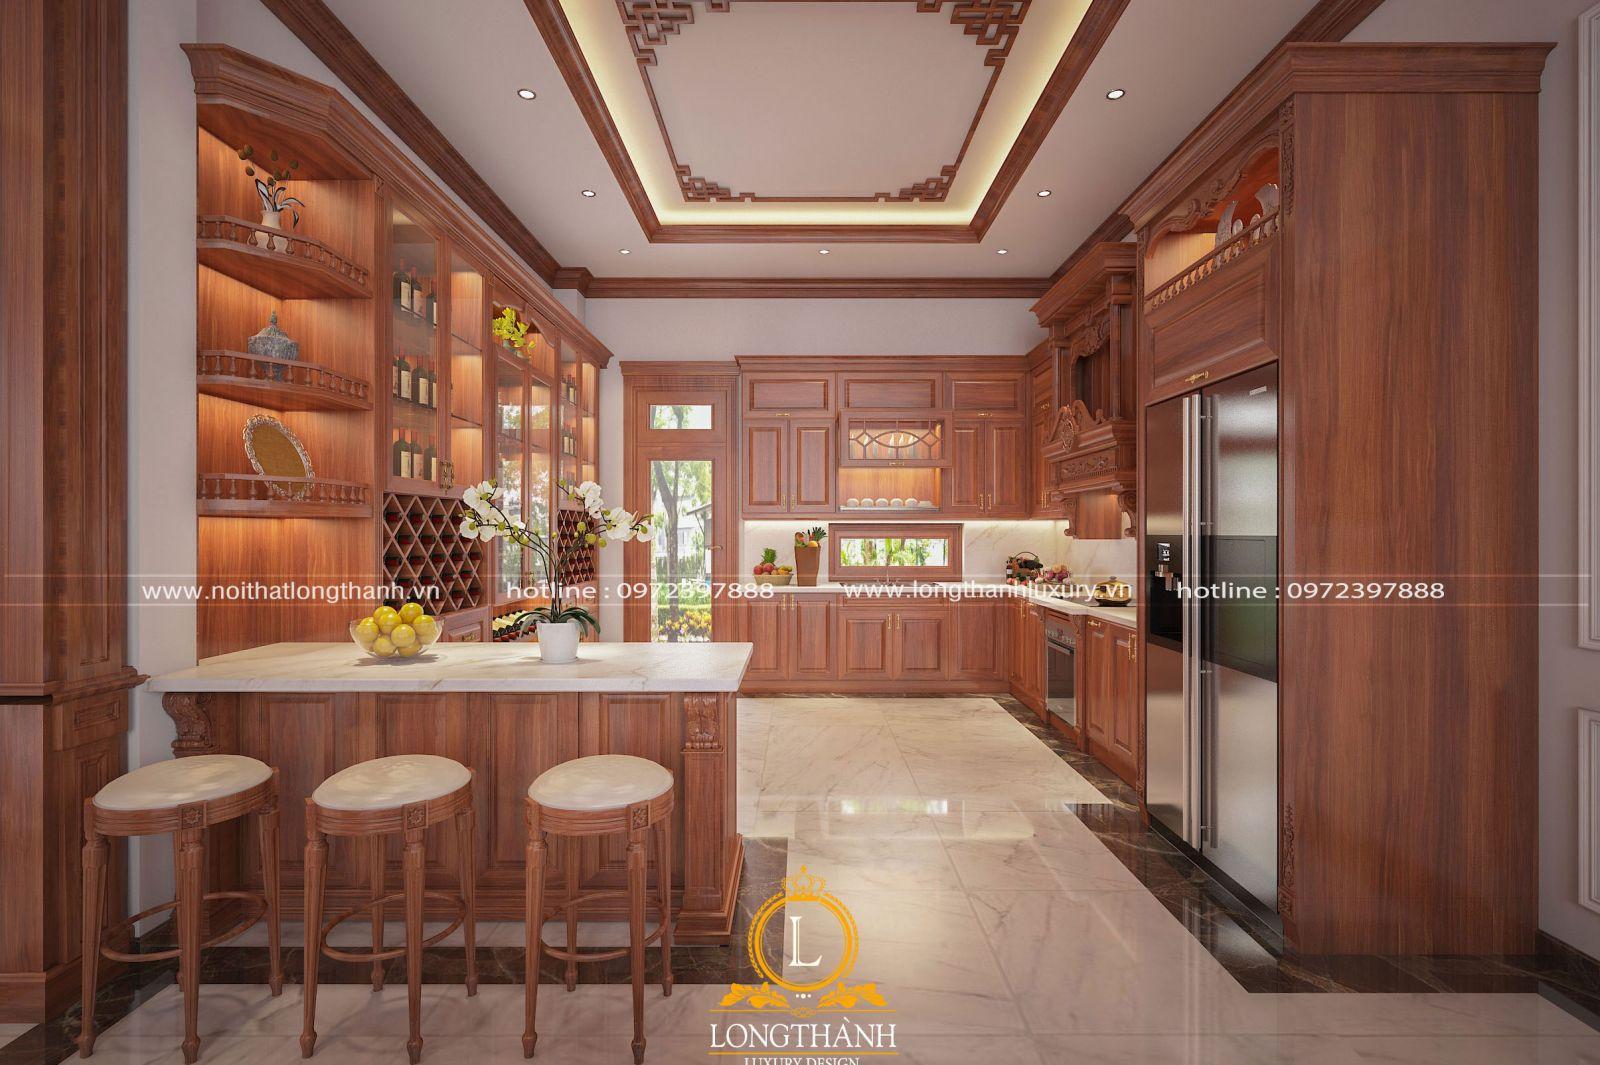 Mẫu phòng bếp tân cổ điển đẹp vớimàu gỗ tự nhiên sơn PU